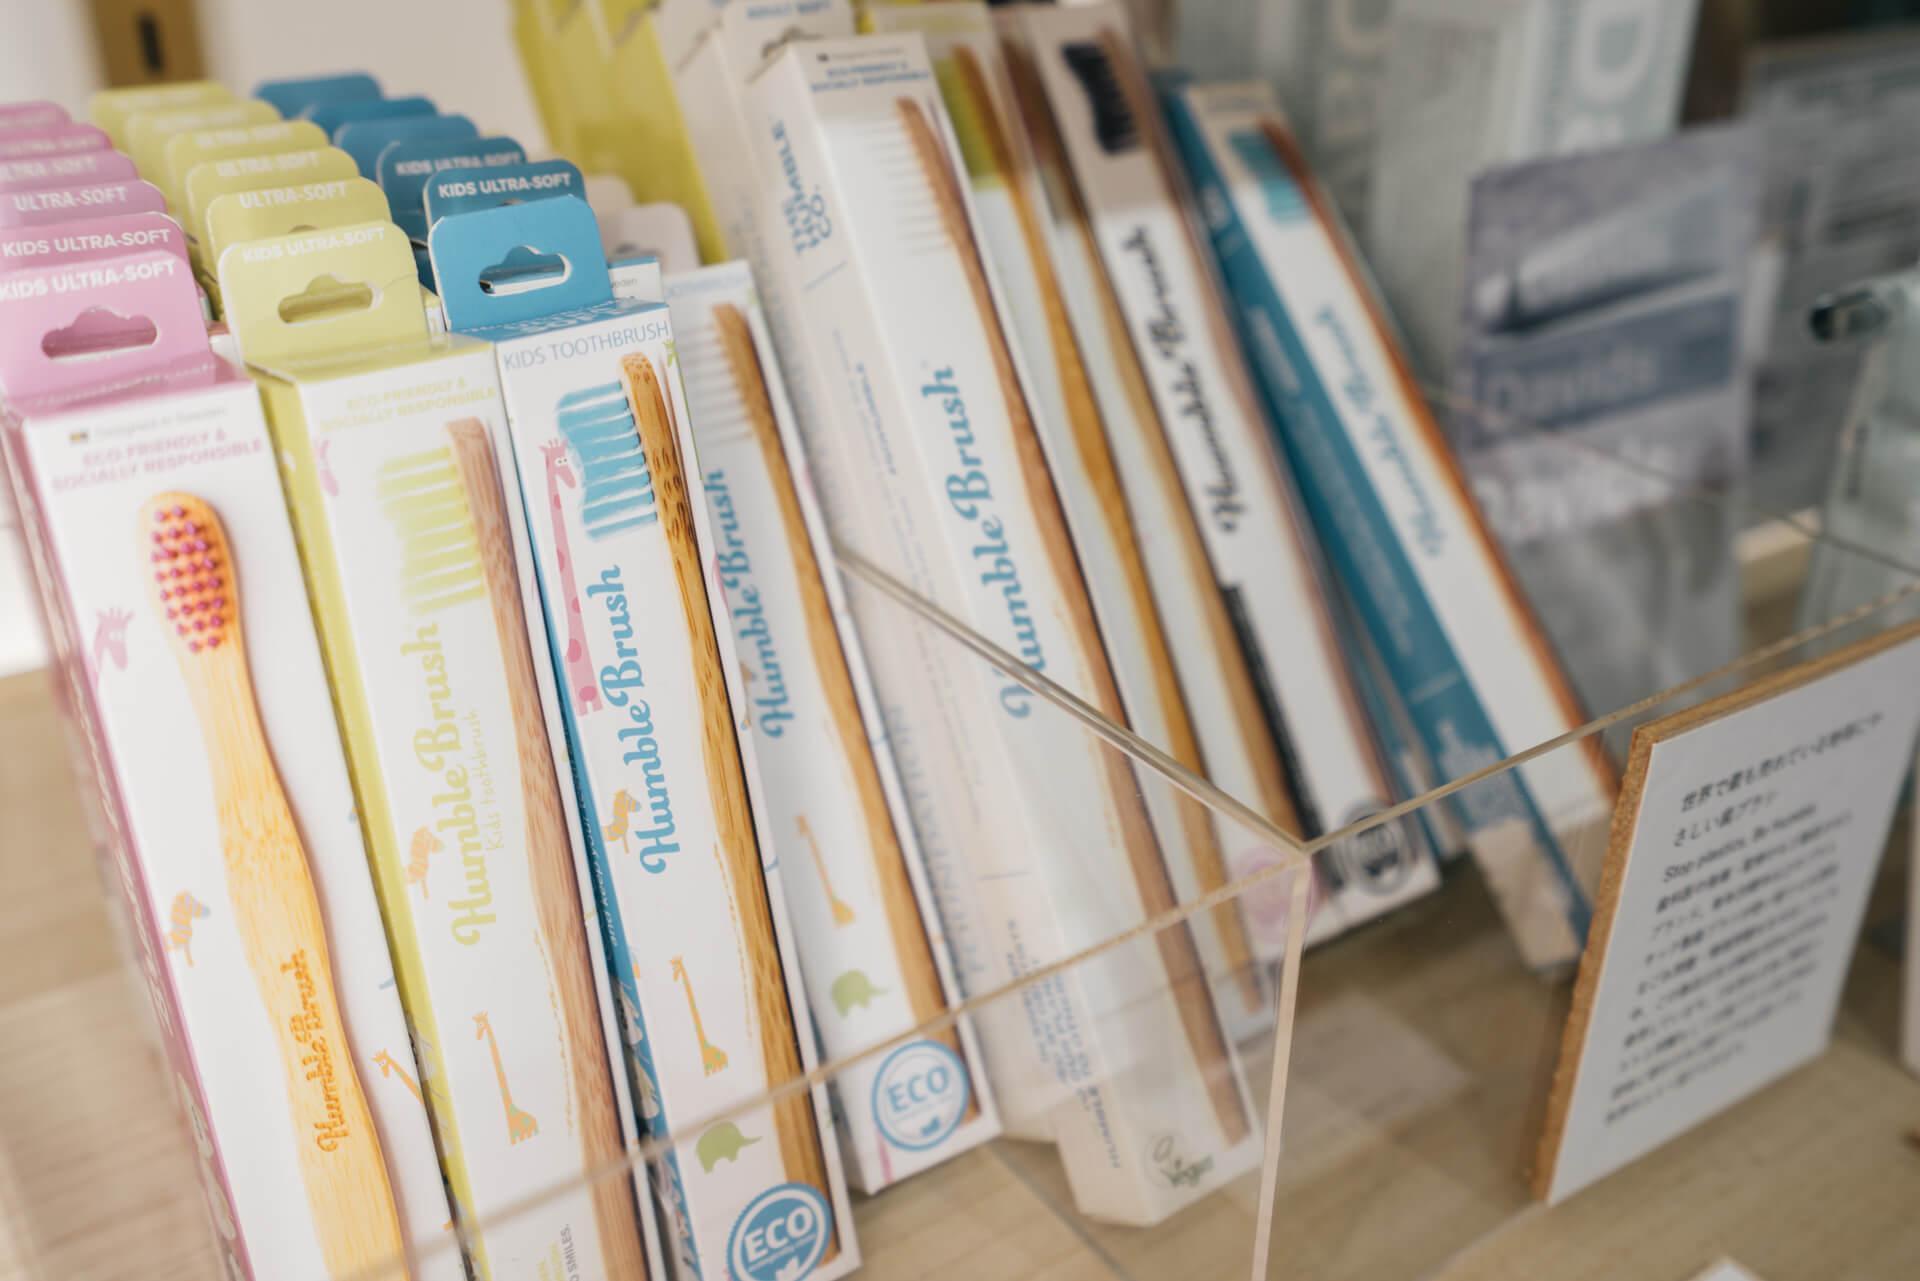 スウェーデン生まれの「Humble Brush」は、深刻なゴミ問題を生み出すプラスチック製の歯ブラシに対抗するため生まれた、竹製の歯ブラシ。さらに、歯ブラシが1本売れるごとに歯ブラシ1本、または同額分がNGO団体に寄付されます。